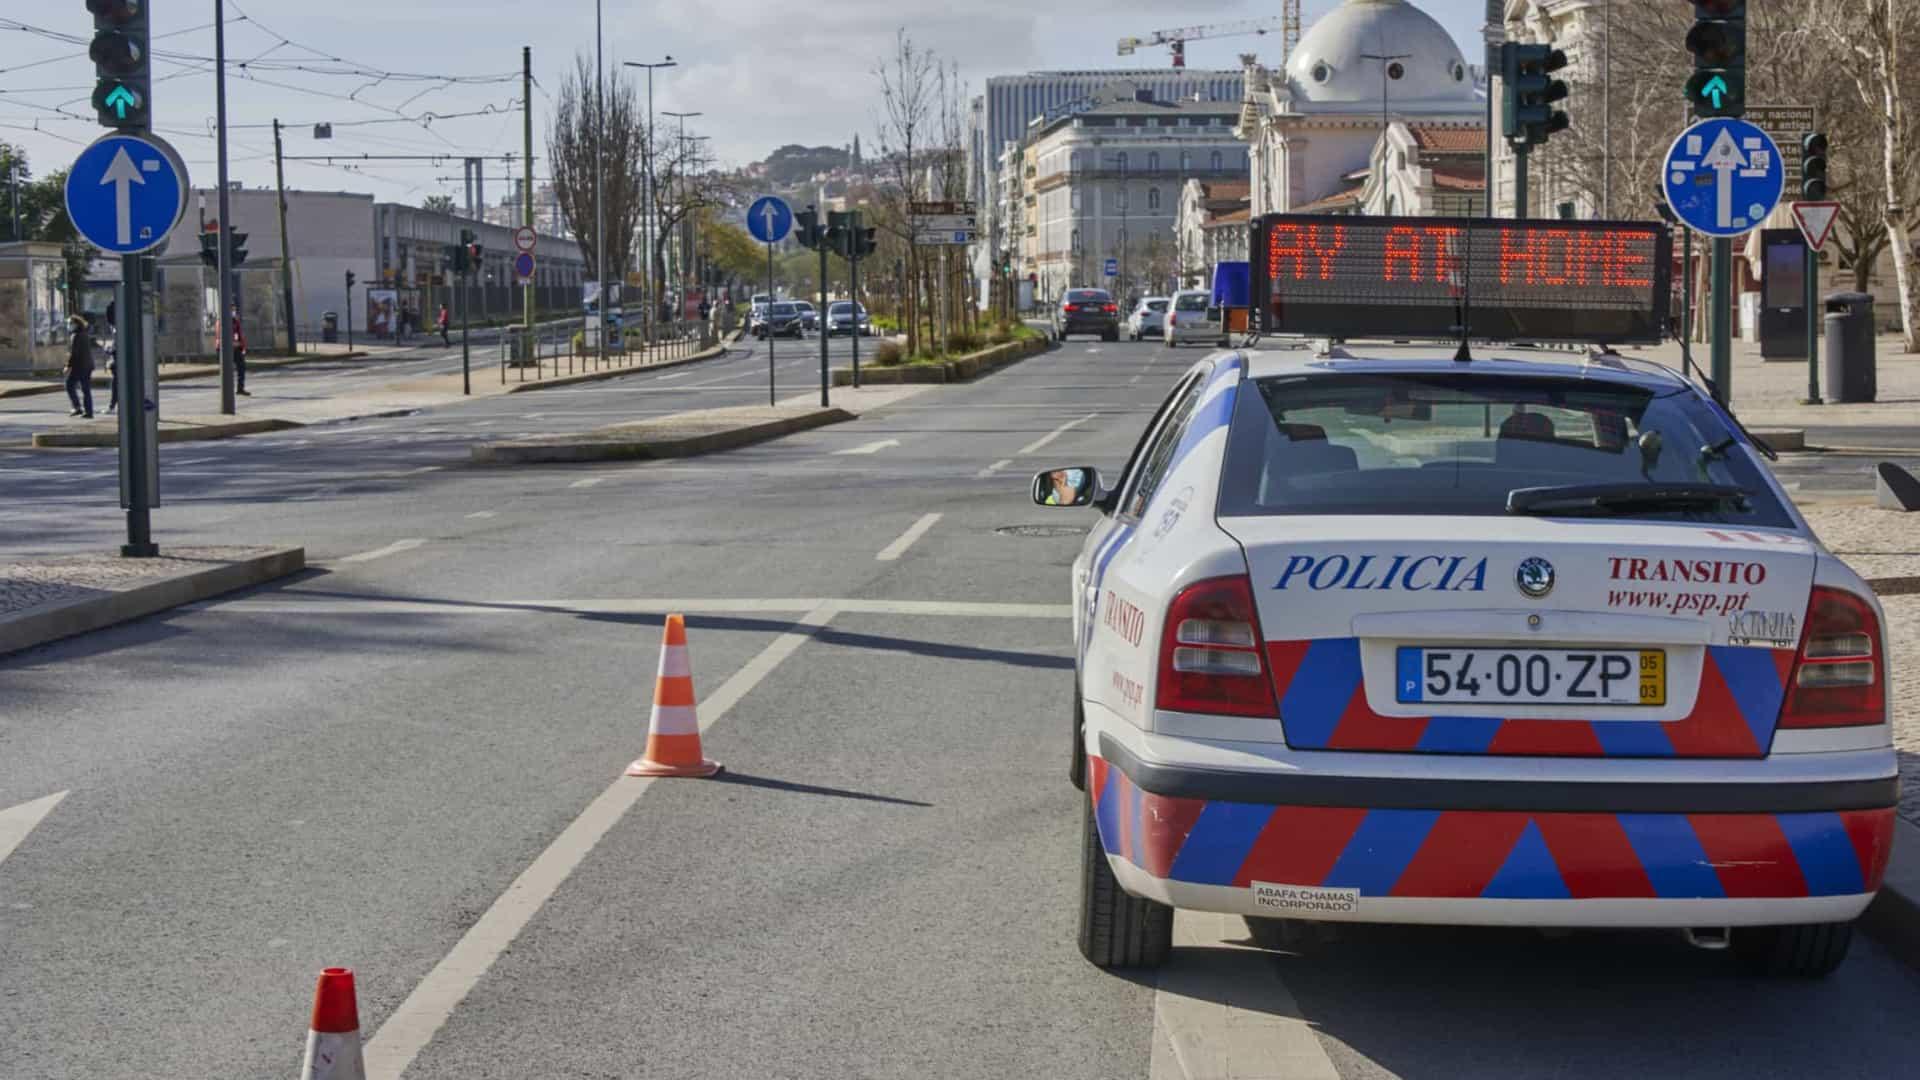 PSP cobra mais de 100 mil euros em multas de violação ao estado de emergência desde Janeiro